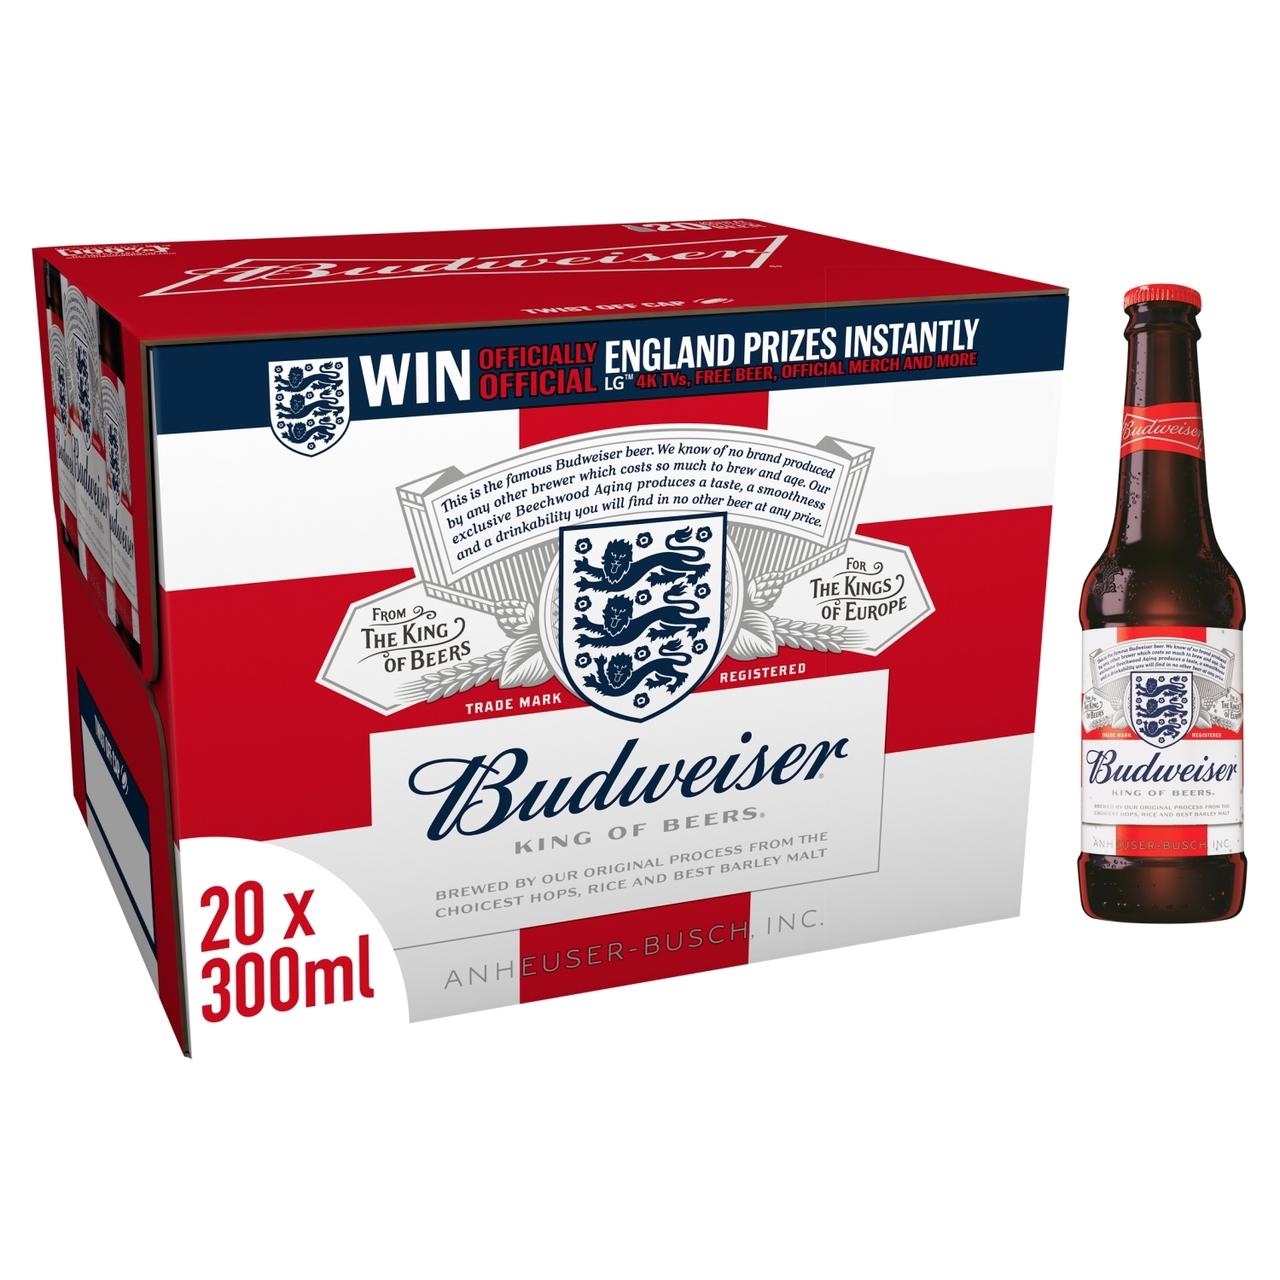 Budweiser Lager Beer Bottles 20 x 300ml for £9.99 @ Morrisons